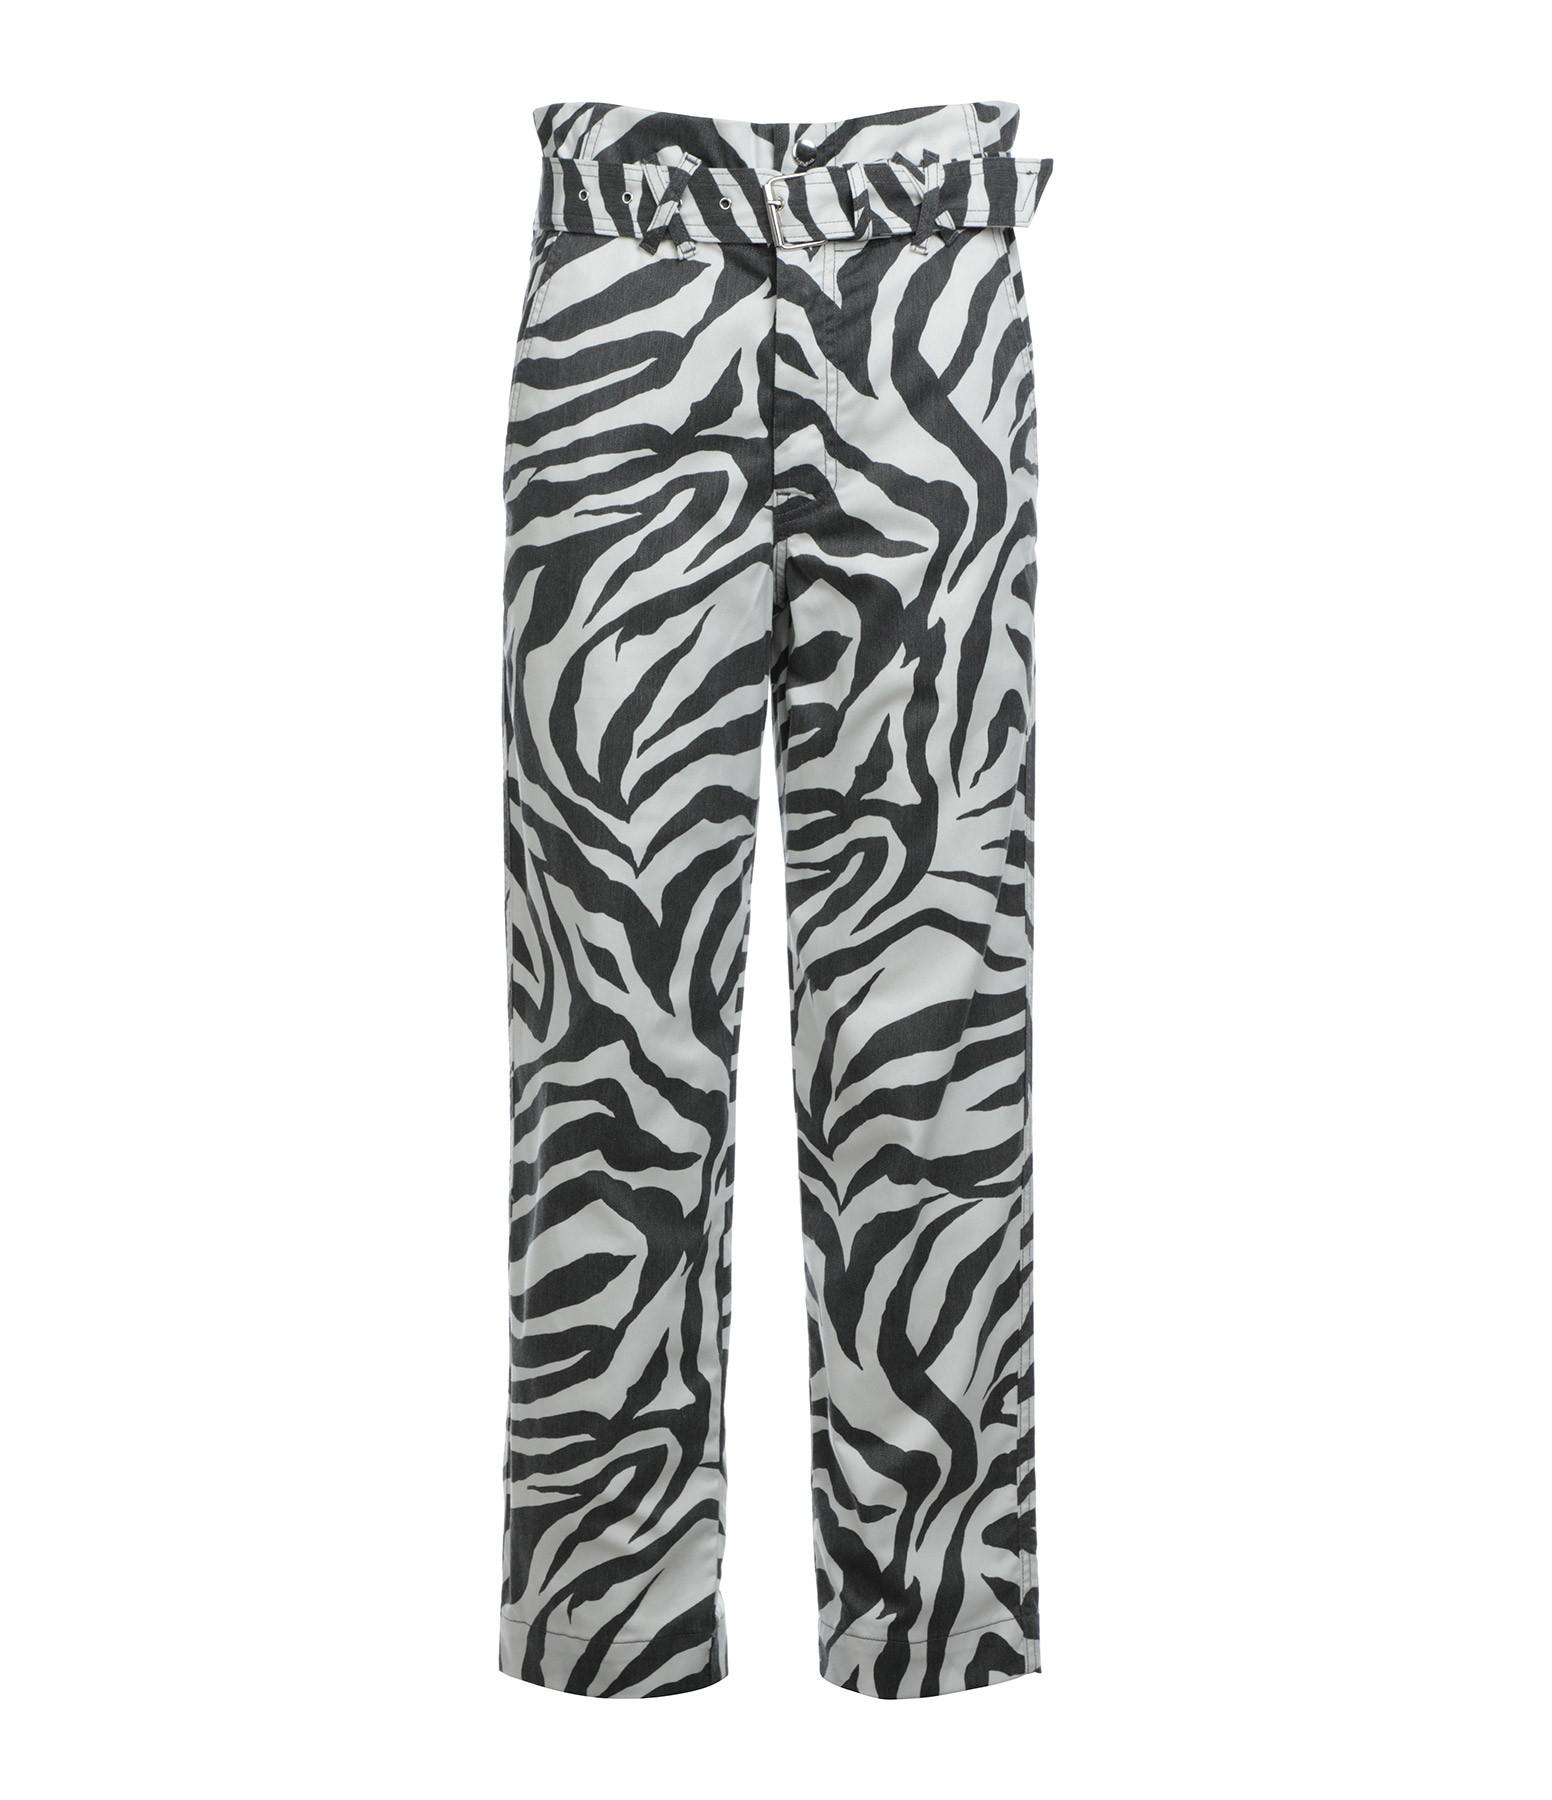 OVERLOVER - Pantalon Carlyle Coton Noir Blanc Imprimé Zèbre